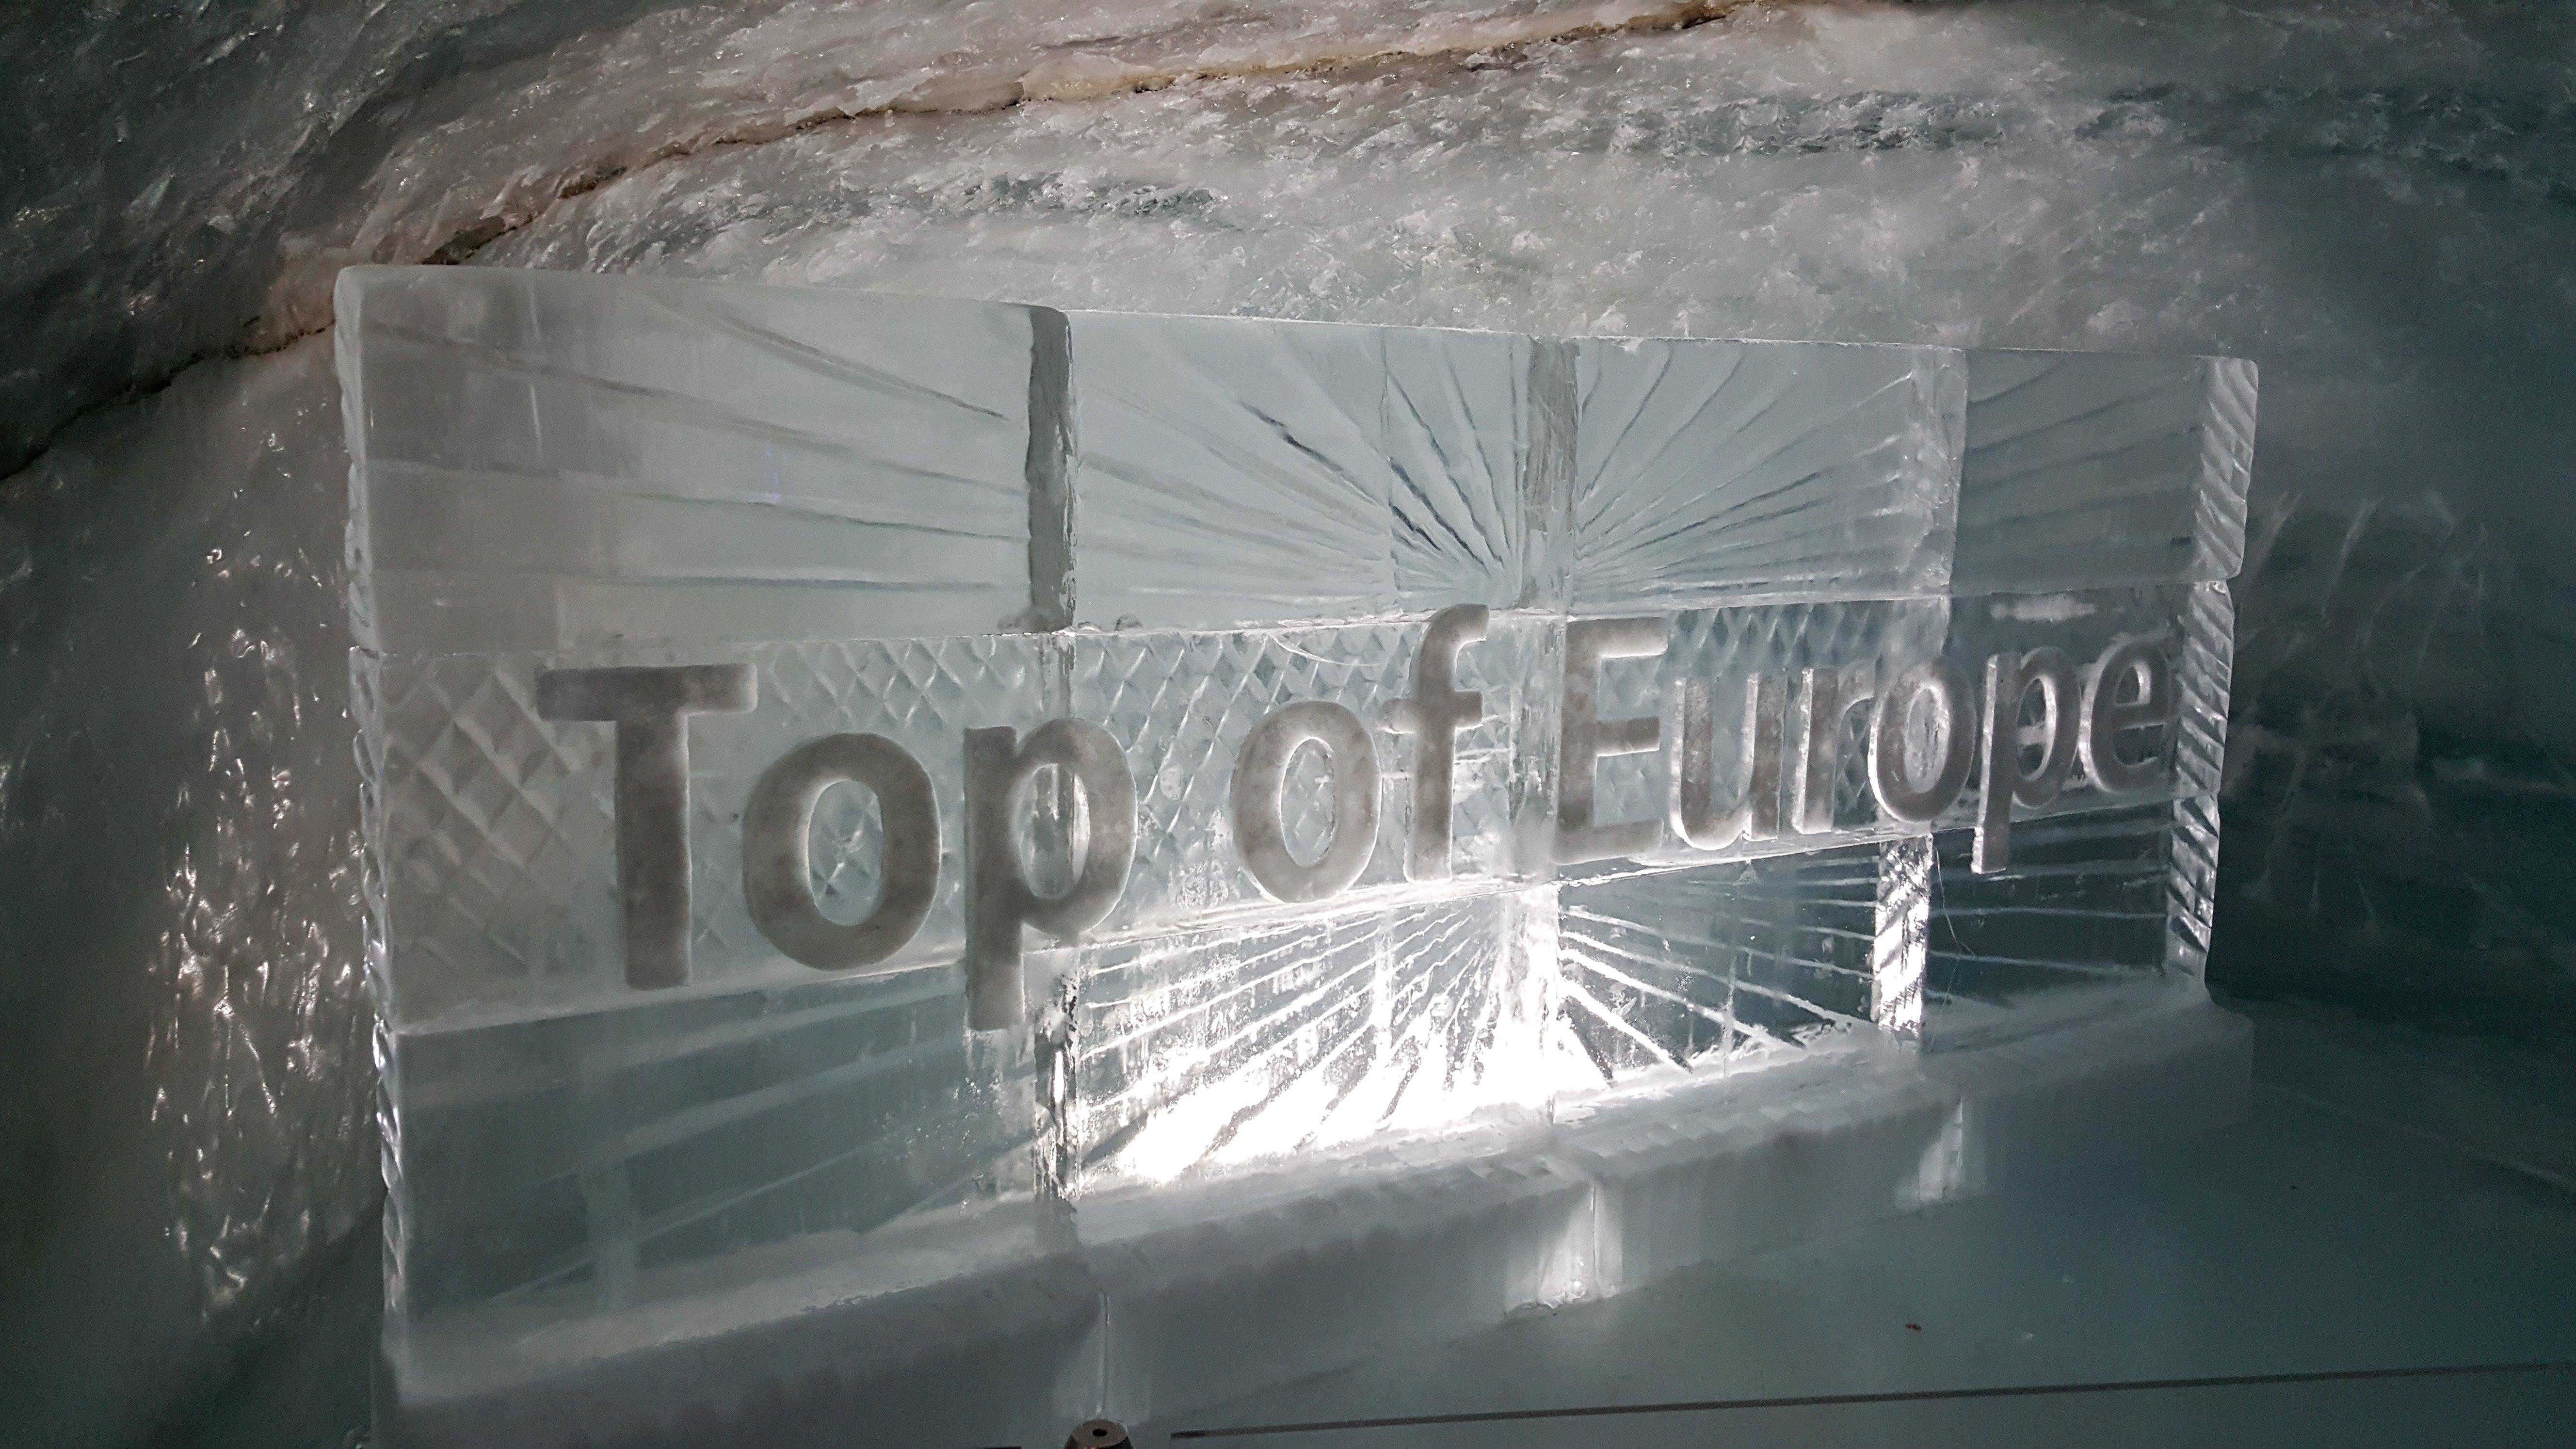 Switzerland -Jungfraujoch (Top of Europe)